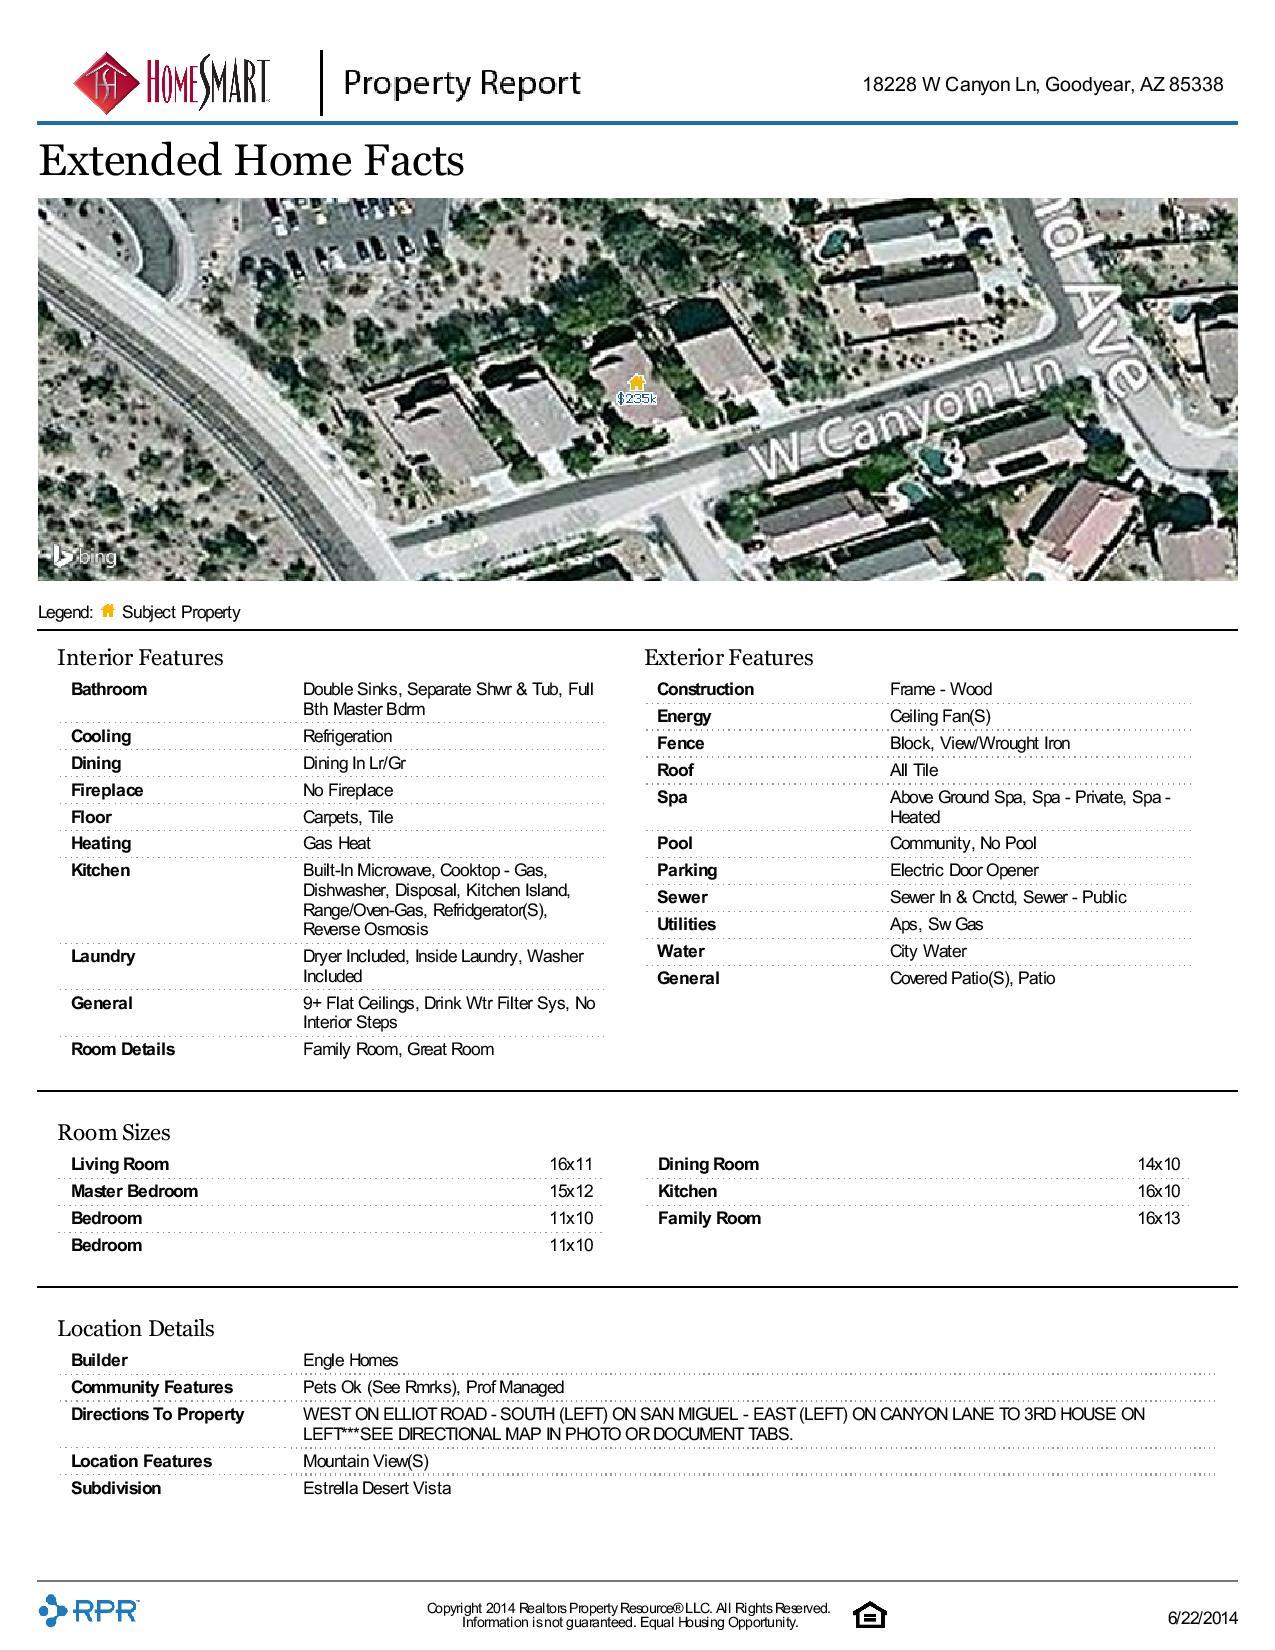 18228-W-Canyon-Ln-Goodyear-AZ-85338-page-004